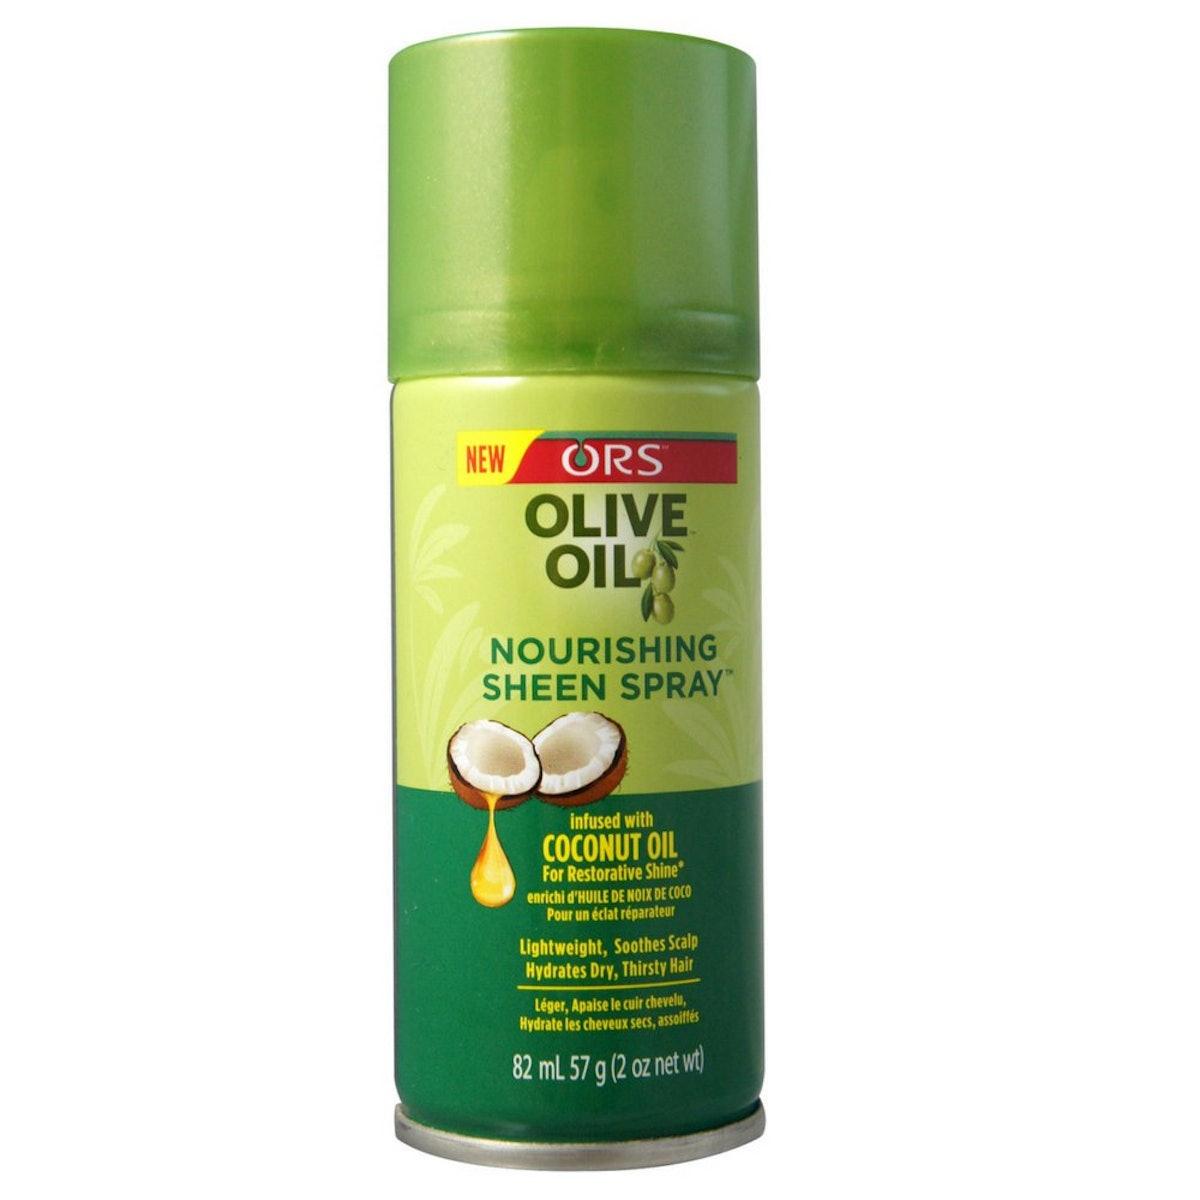 Olive Oil Sheen Nourishing Spray, 2-Pack